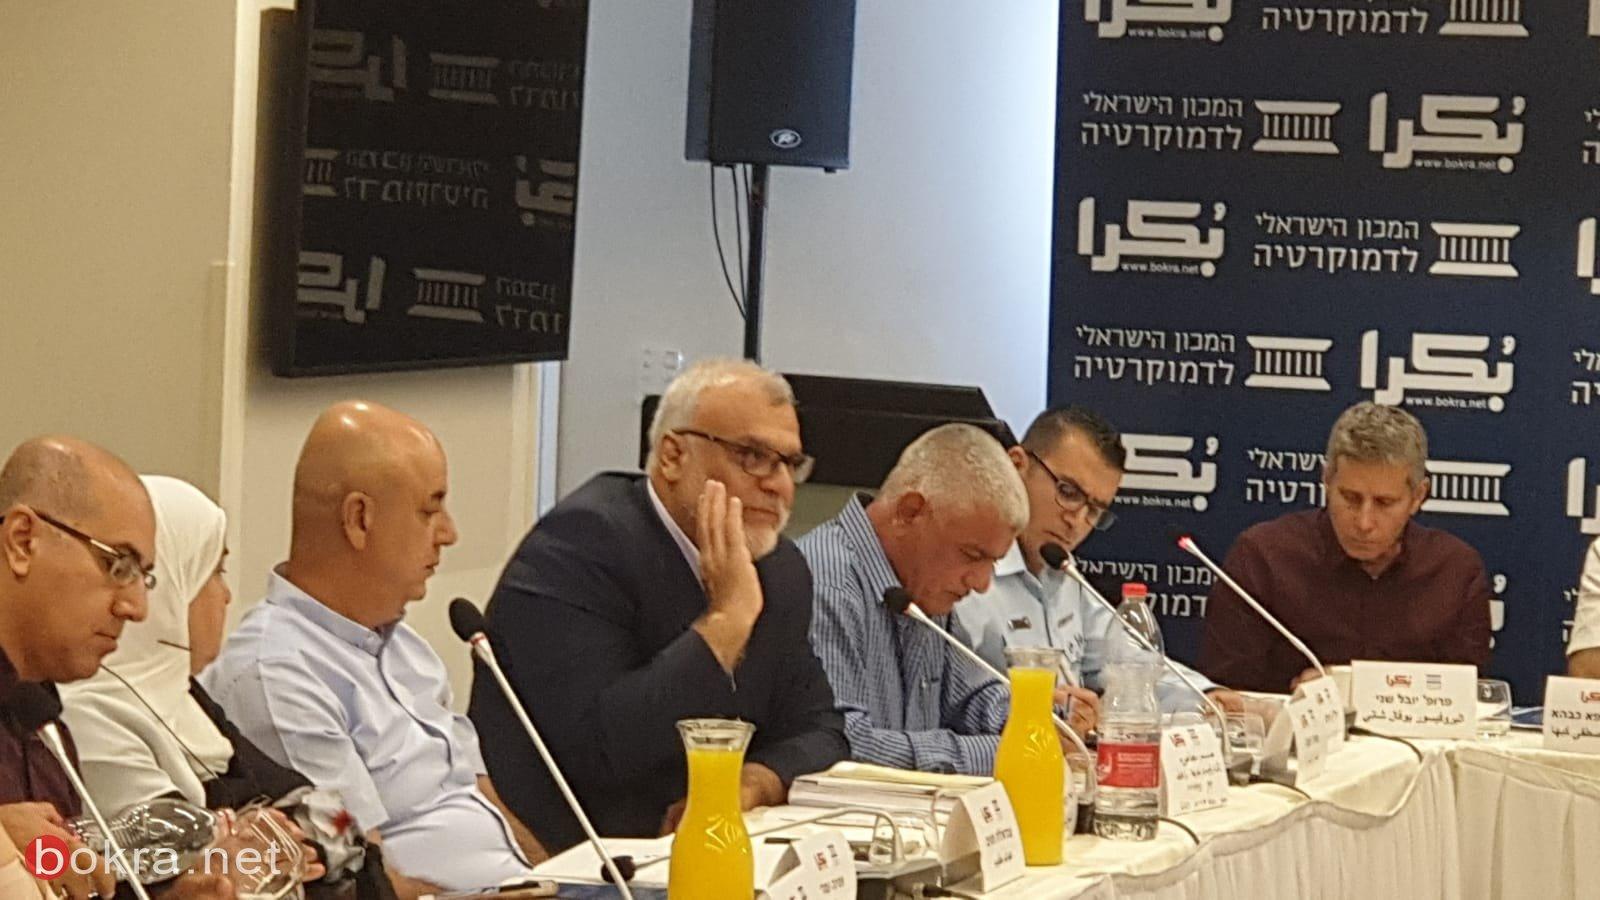 العنف في المجتمع العربي، أسبابه، والحلول لمكافحته؟ .. يوم دراسي في الناصرة-219